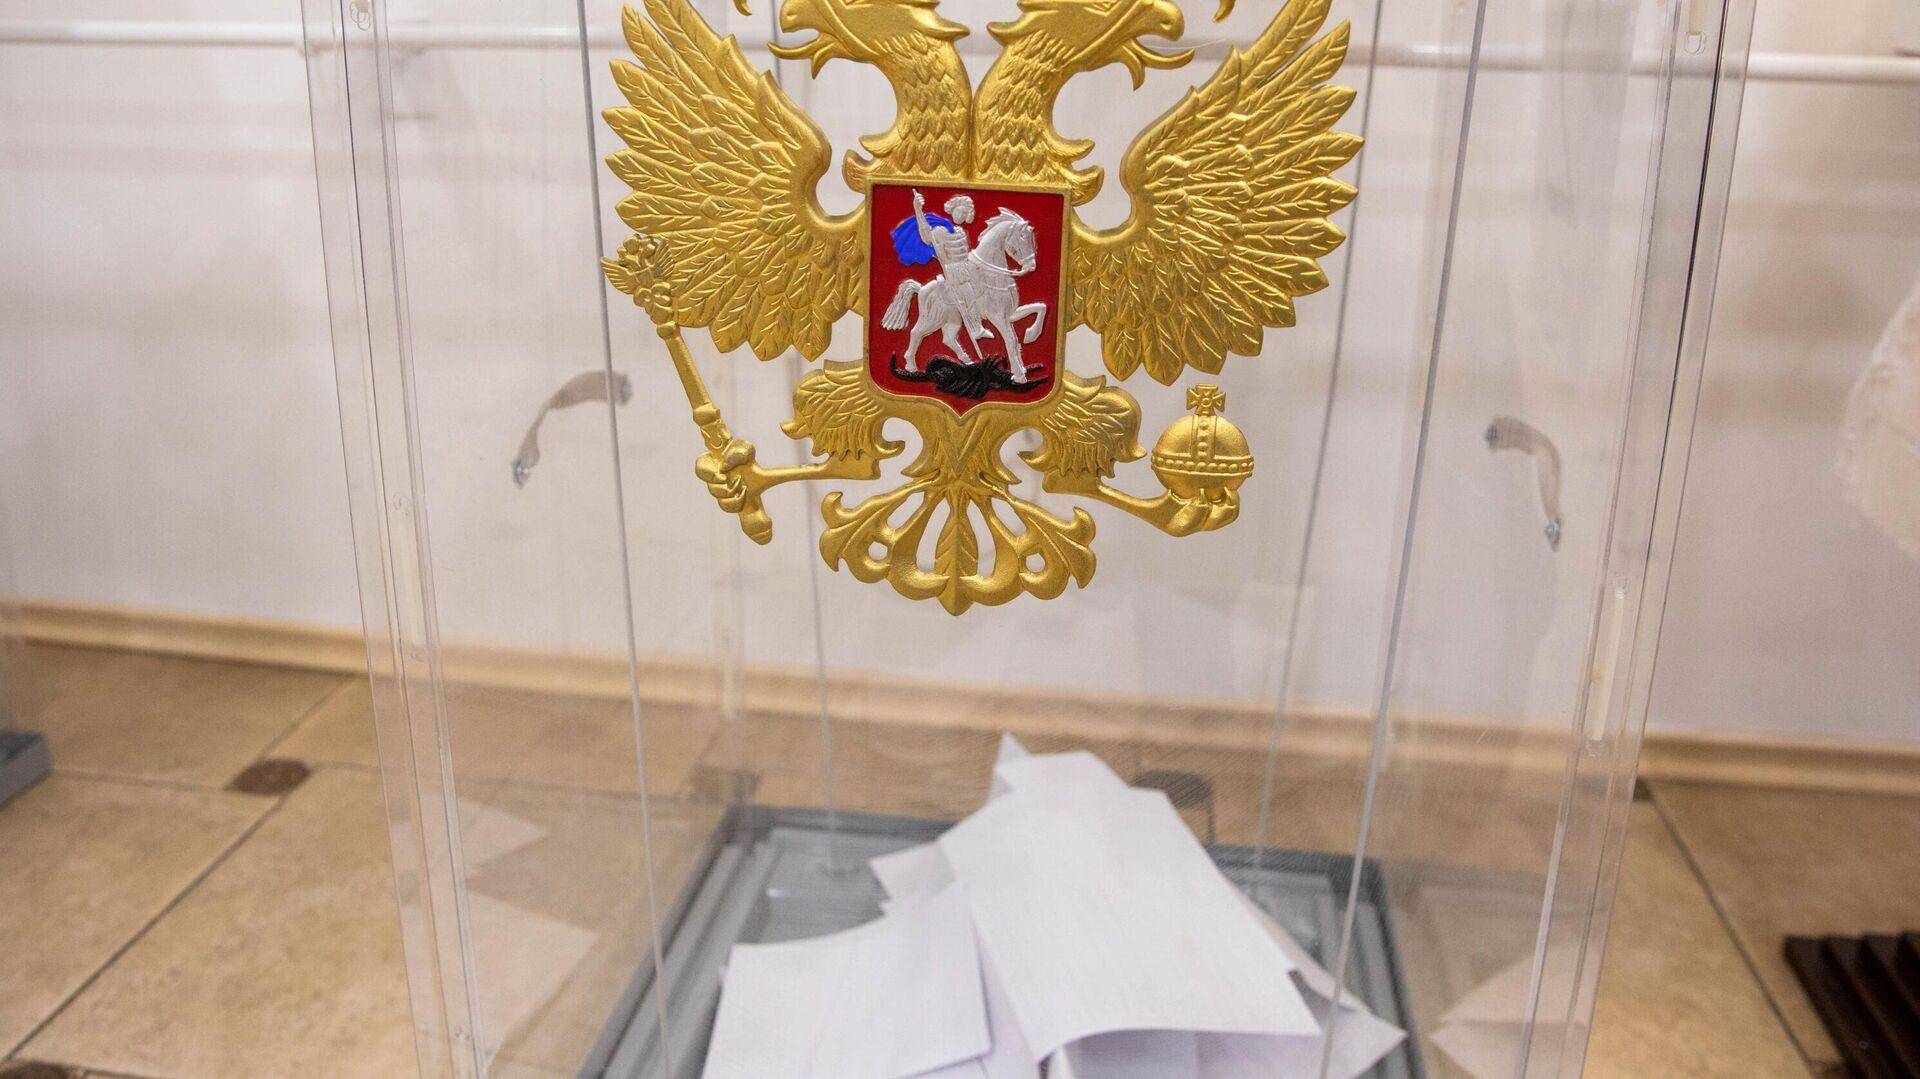 Urna electoral para las parlamentarias de Rusia - Sputnik Mundo, 1920, 19.09.2021